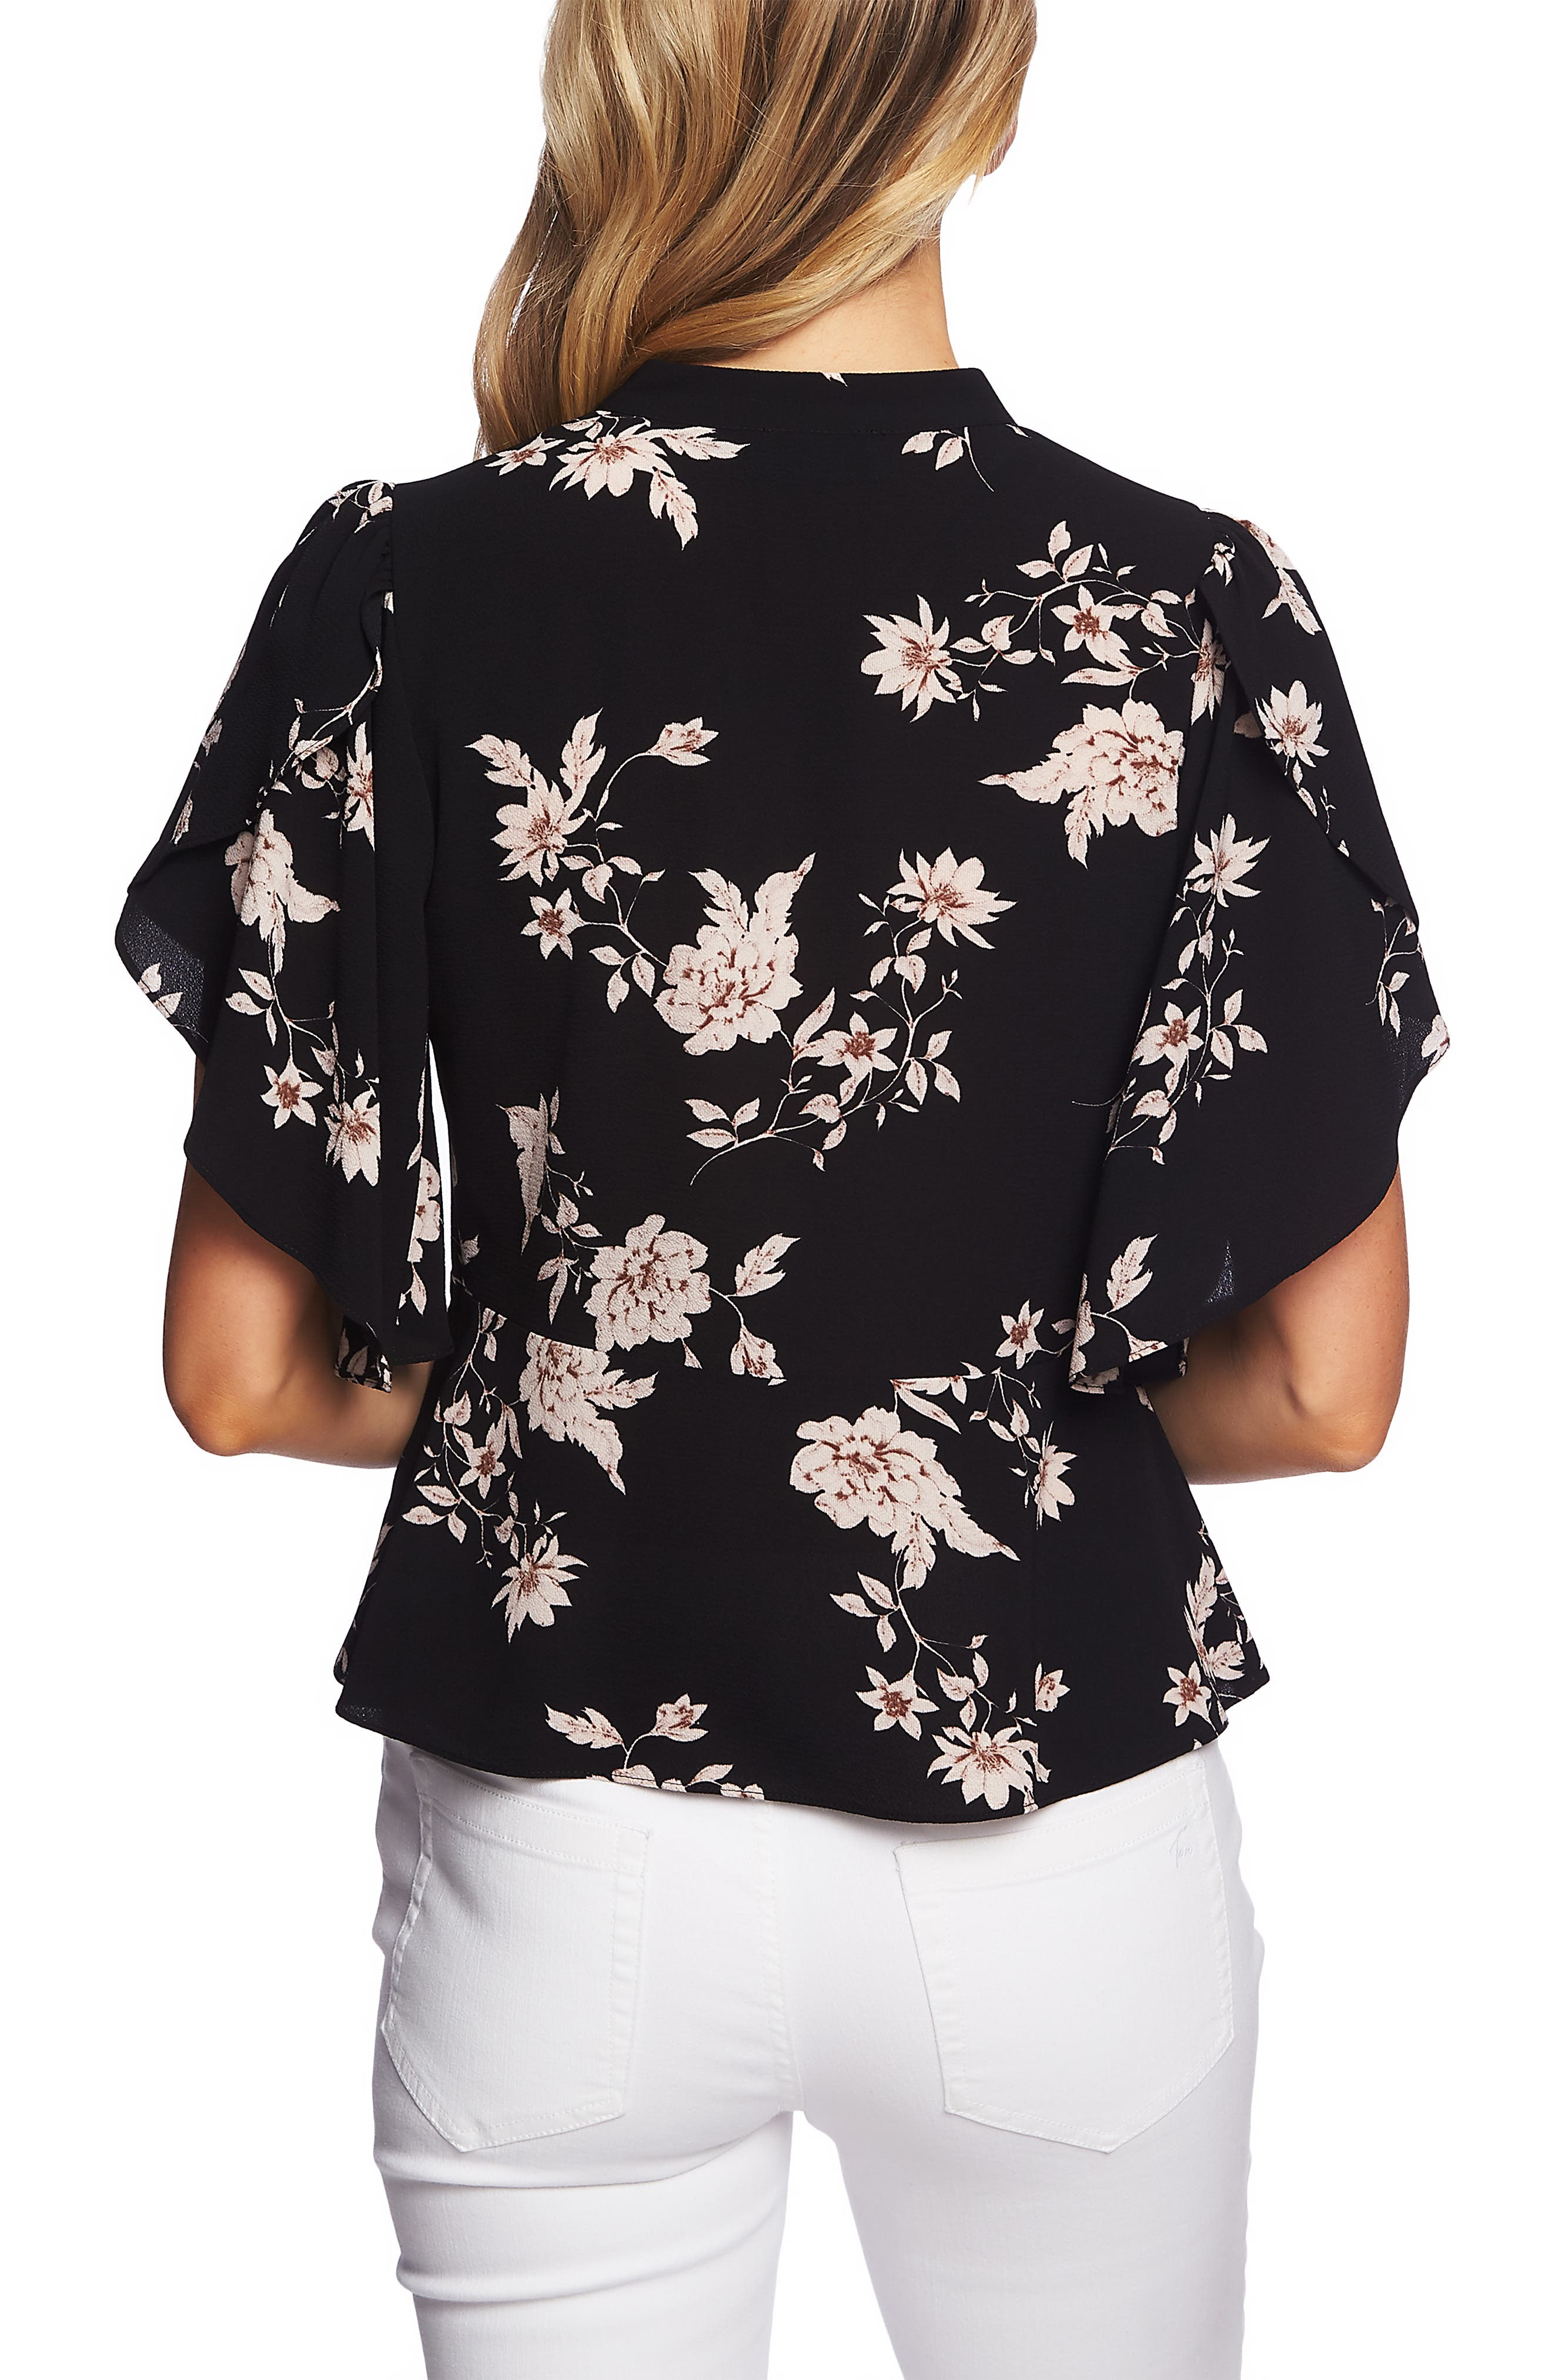 CECE, Etched Floral Tie Neck Blouse, Alternate thumbnail 2, color, RICH BLACK